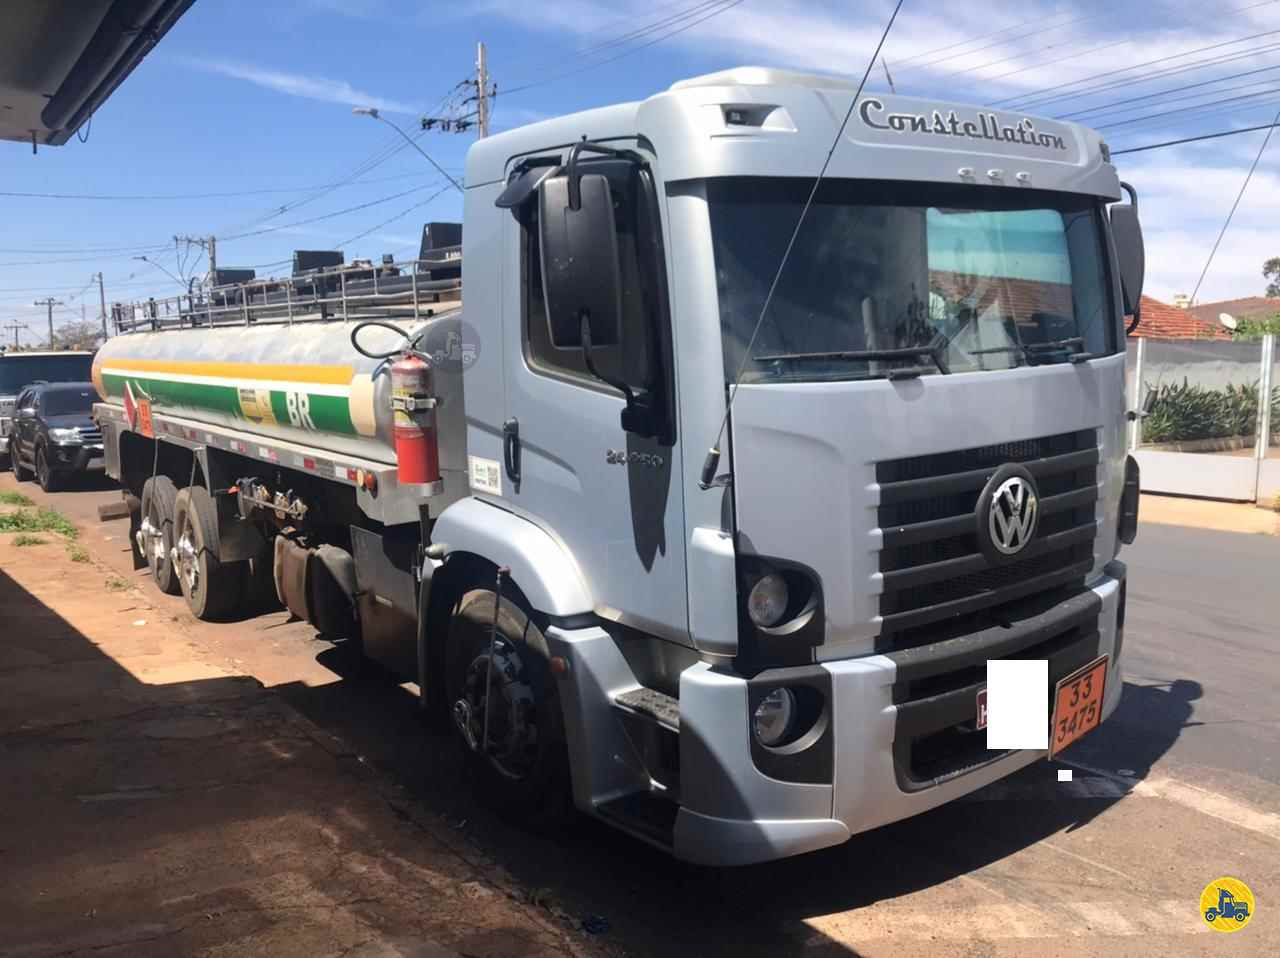 CAMINHAO VOLKSWAGEN VW 24250 Tanque Aço Truck 6x2 RB Caminhões & Financiamentos ARAGUARI MINAS GERAIS MG